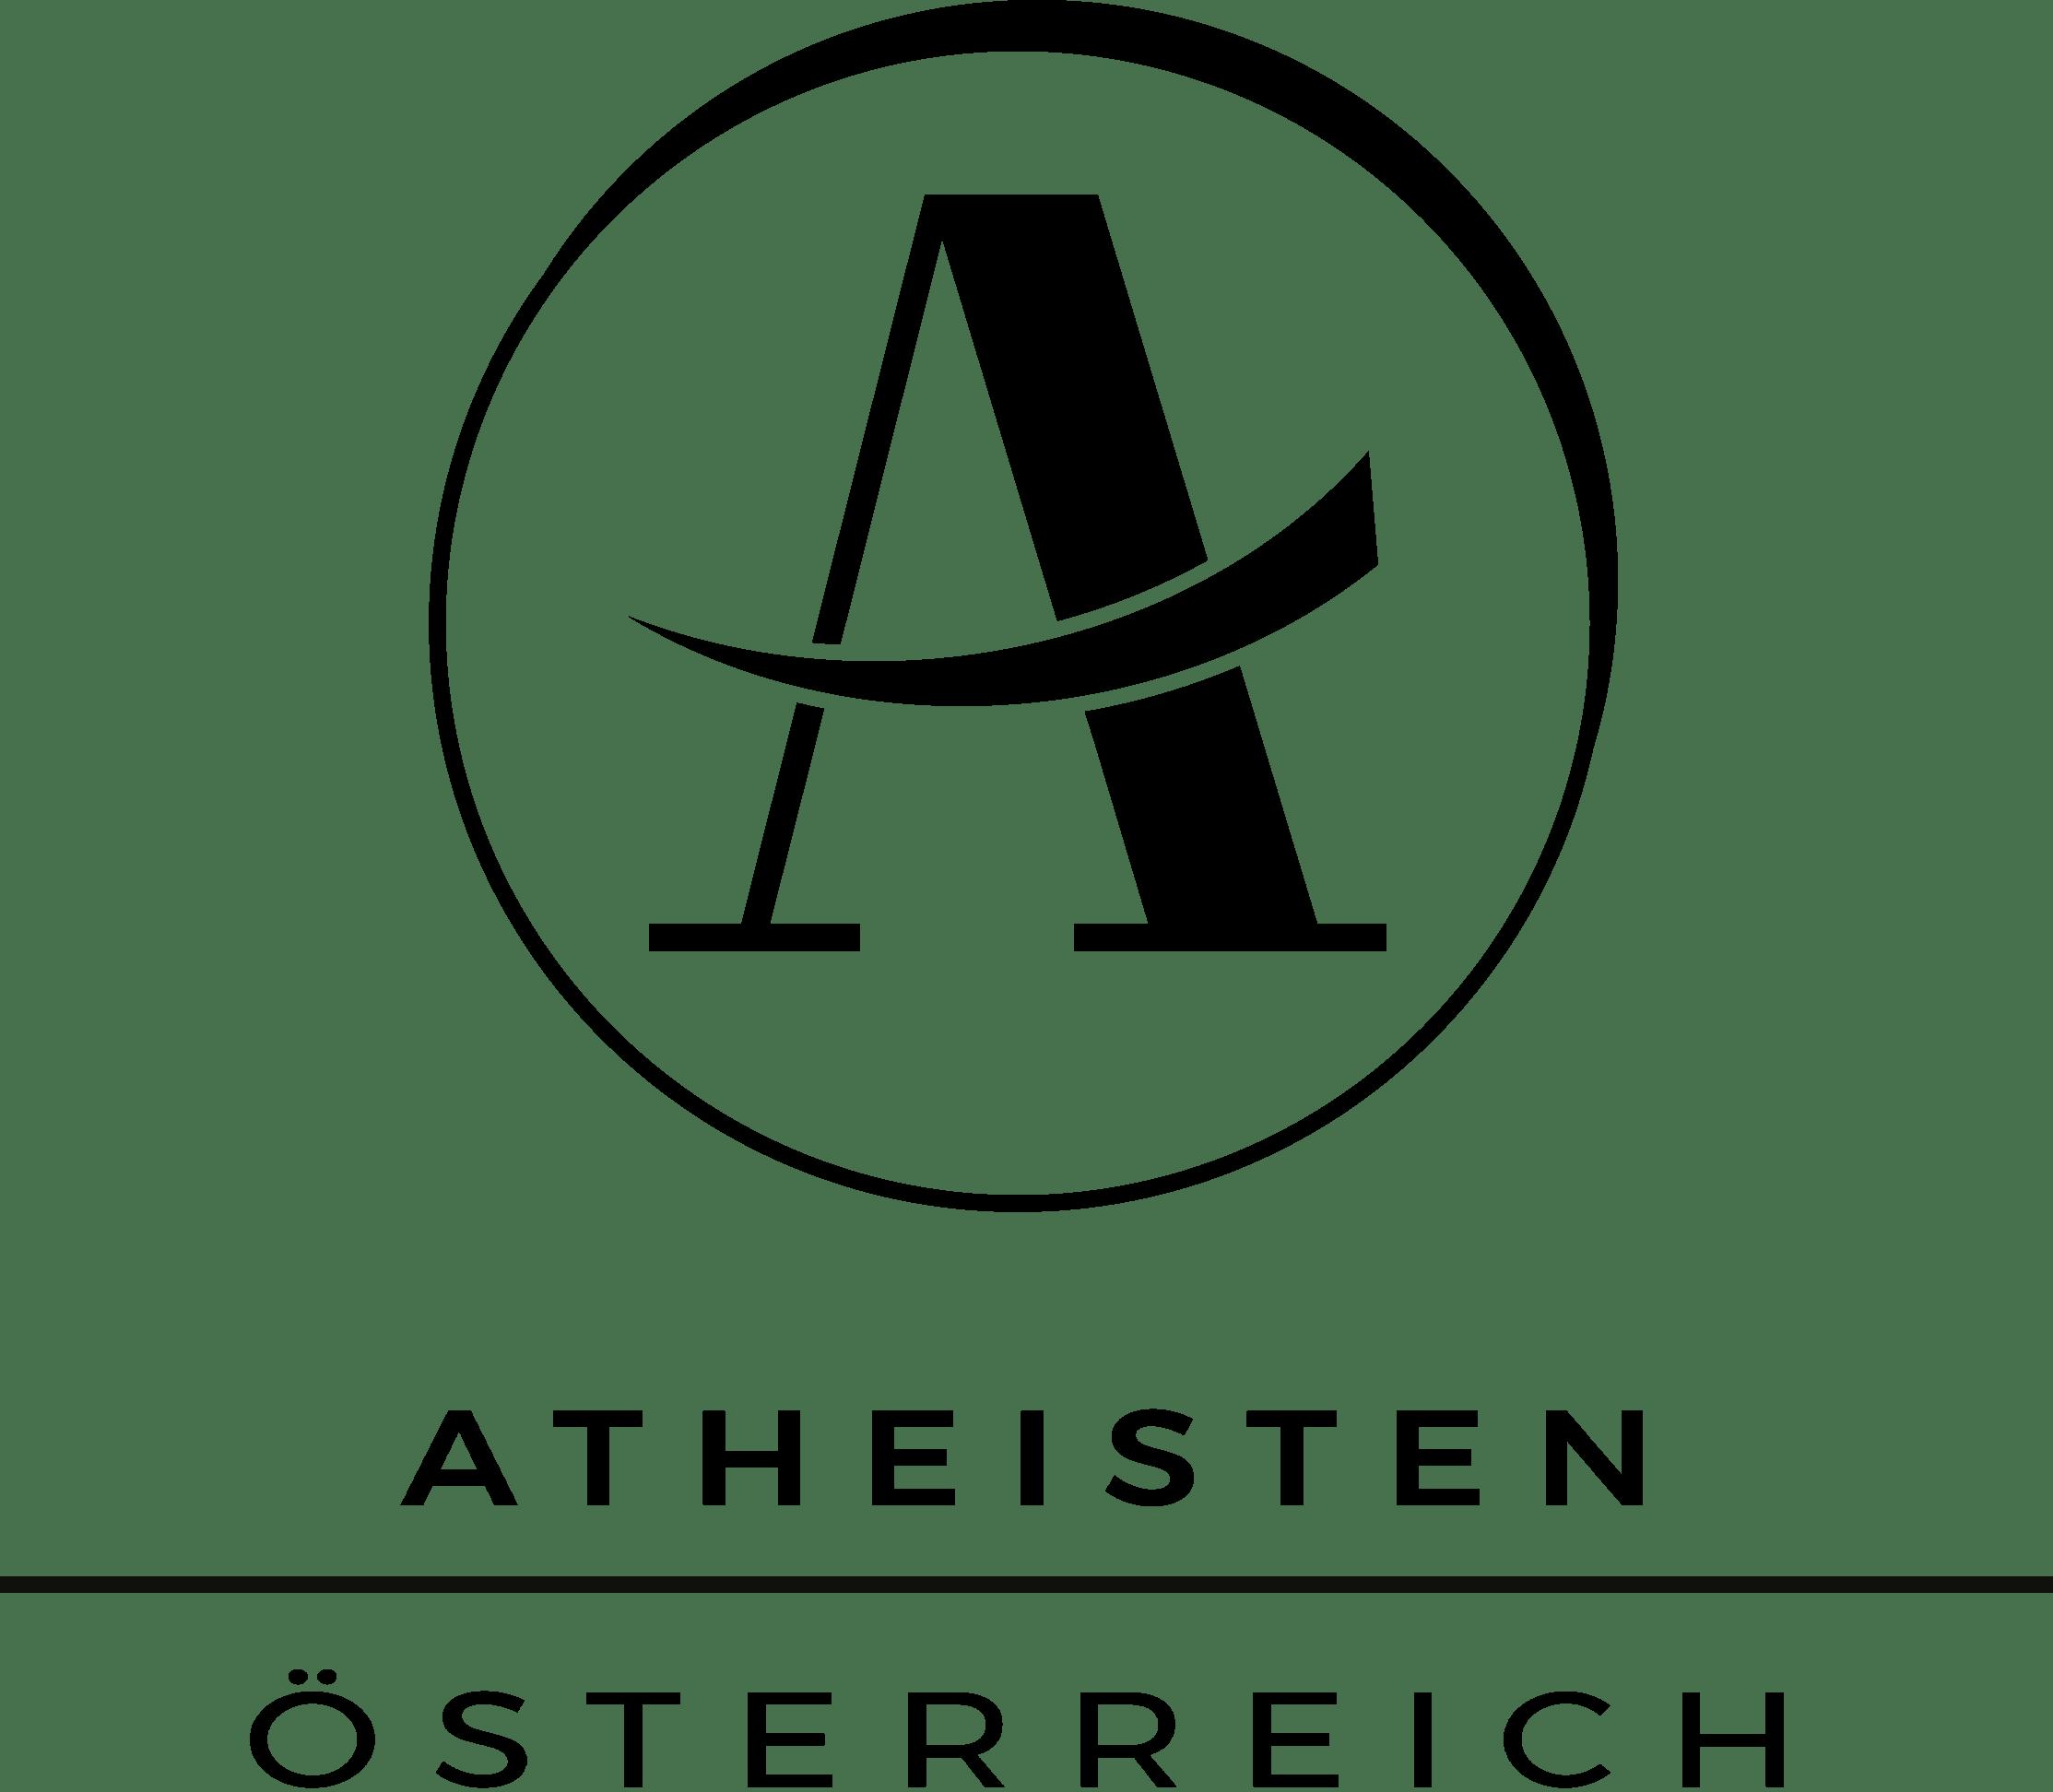 Atheisten Österreich